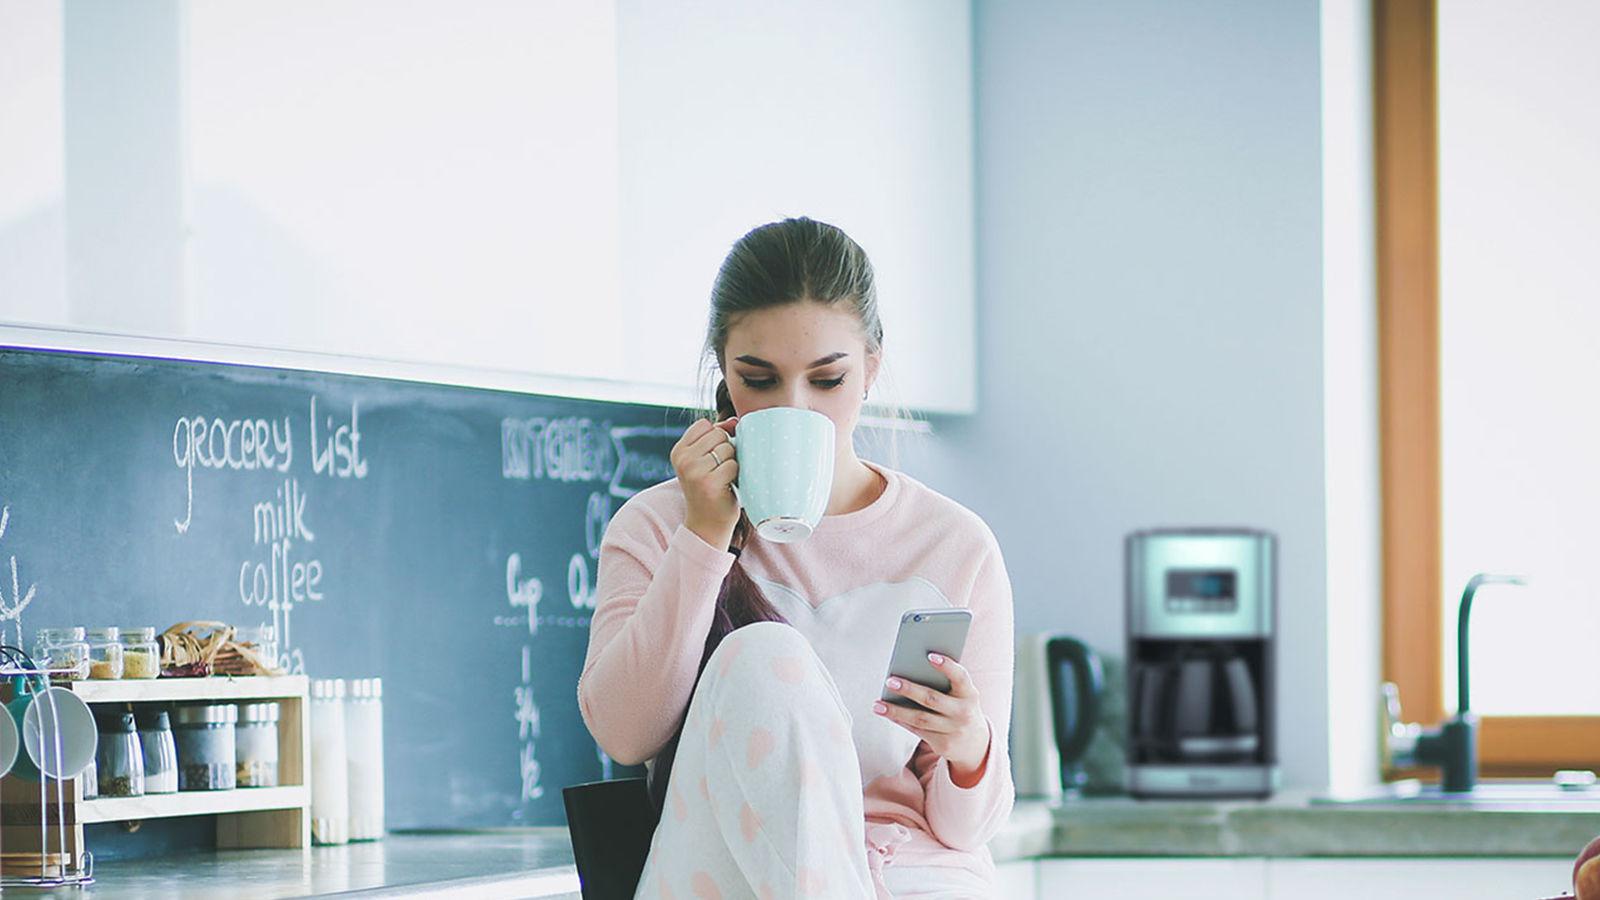 Kahve içen teknoloji ile ilgili bir kadın